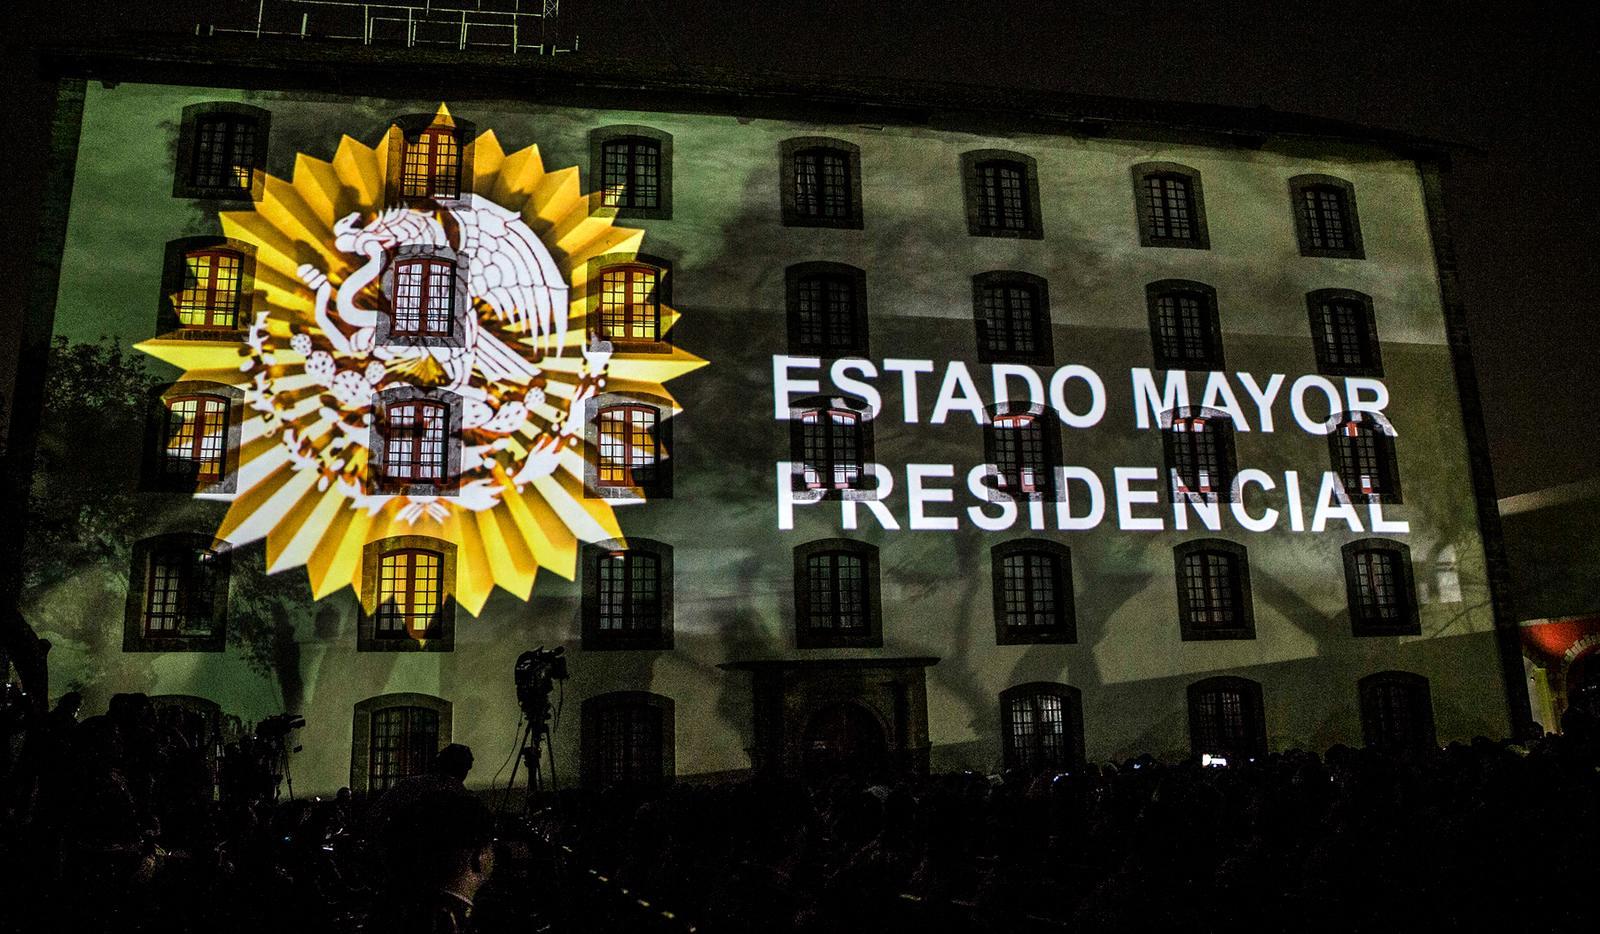 Desaparecerá el Estado Mayor Presidencial antes de que llegue AMLO